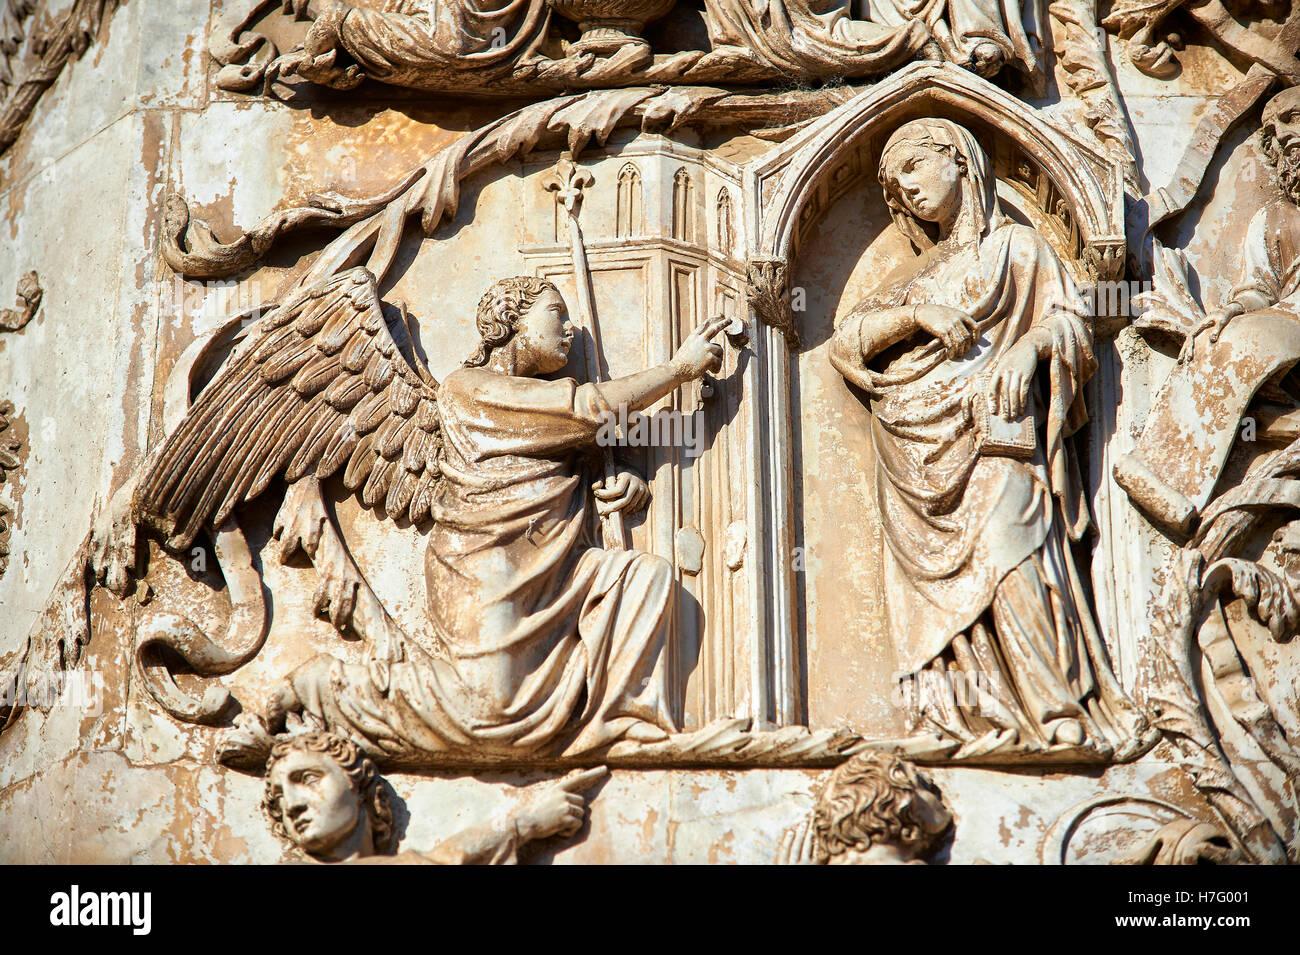 Basrelief der Verkündigung von Maitani, circa1310, toskanischen Gotik, Fassade Orvieto Duomo Kathedrale, Umbrien, Stockbild